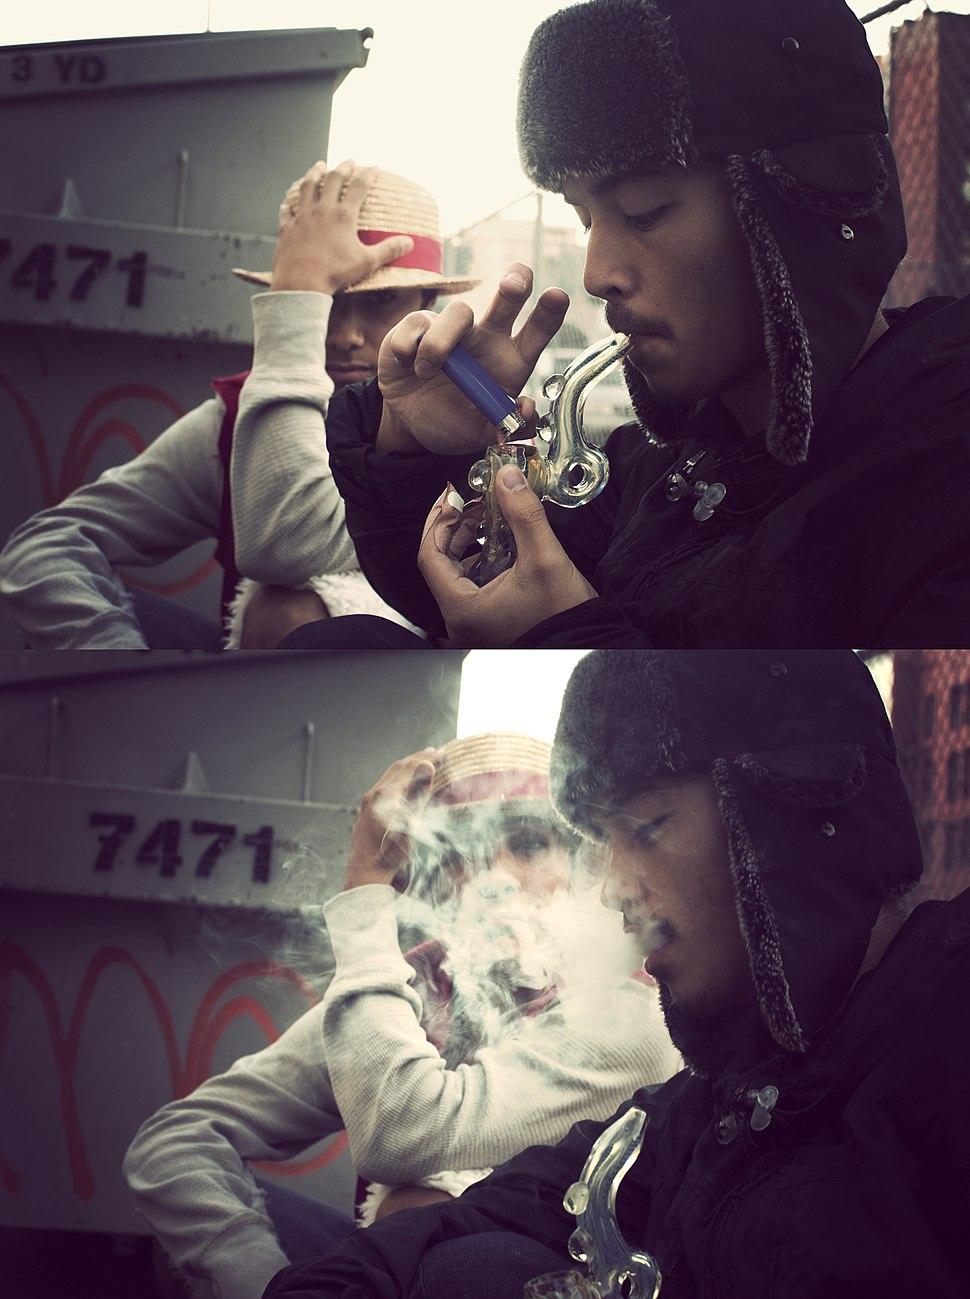 Marijuana smoking glass